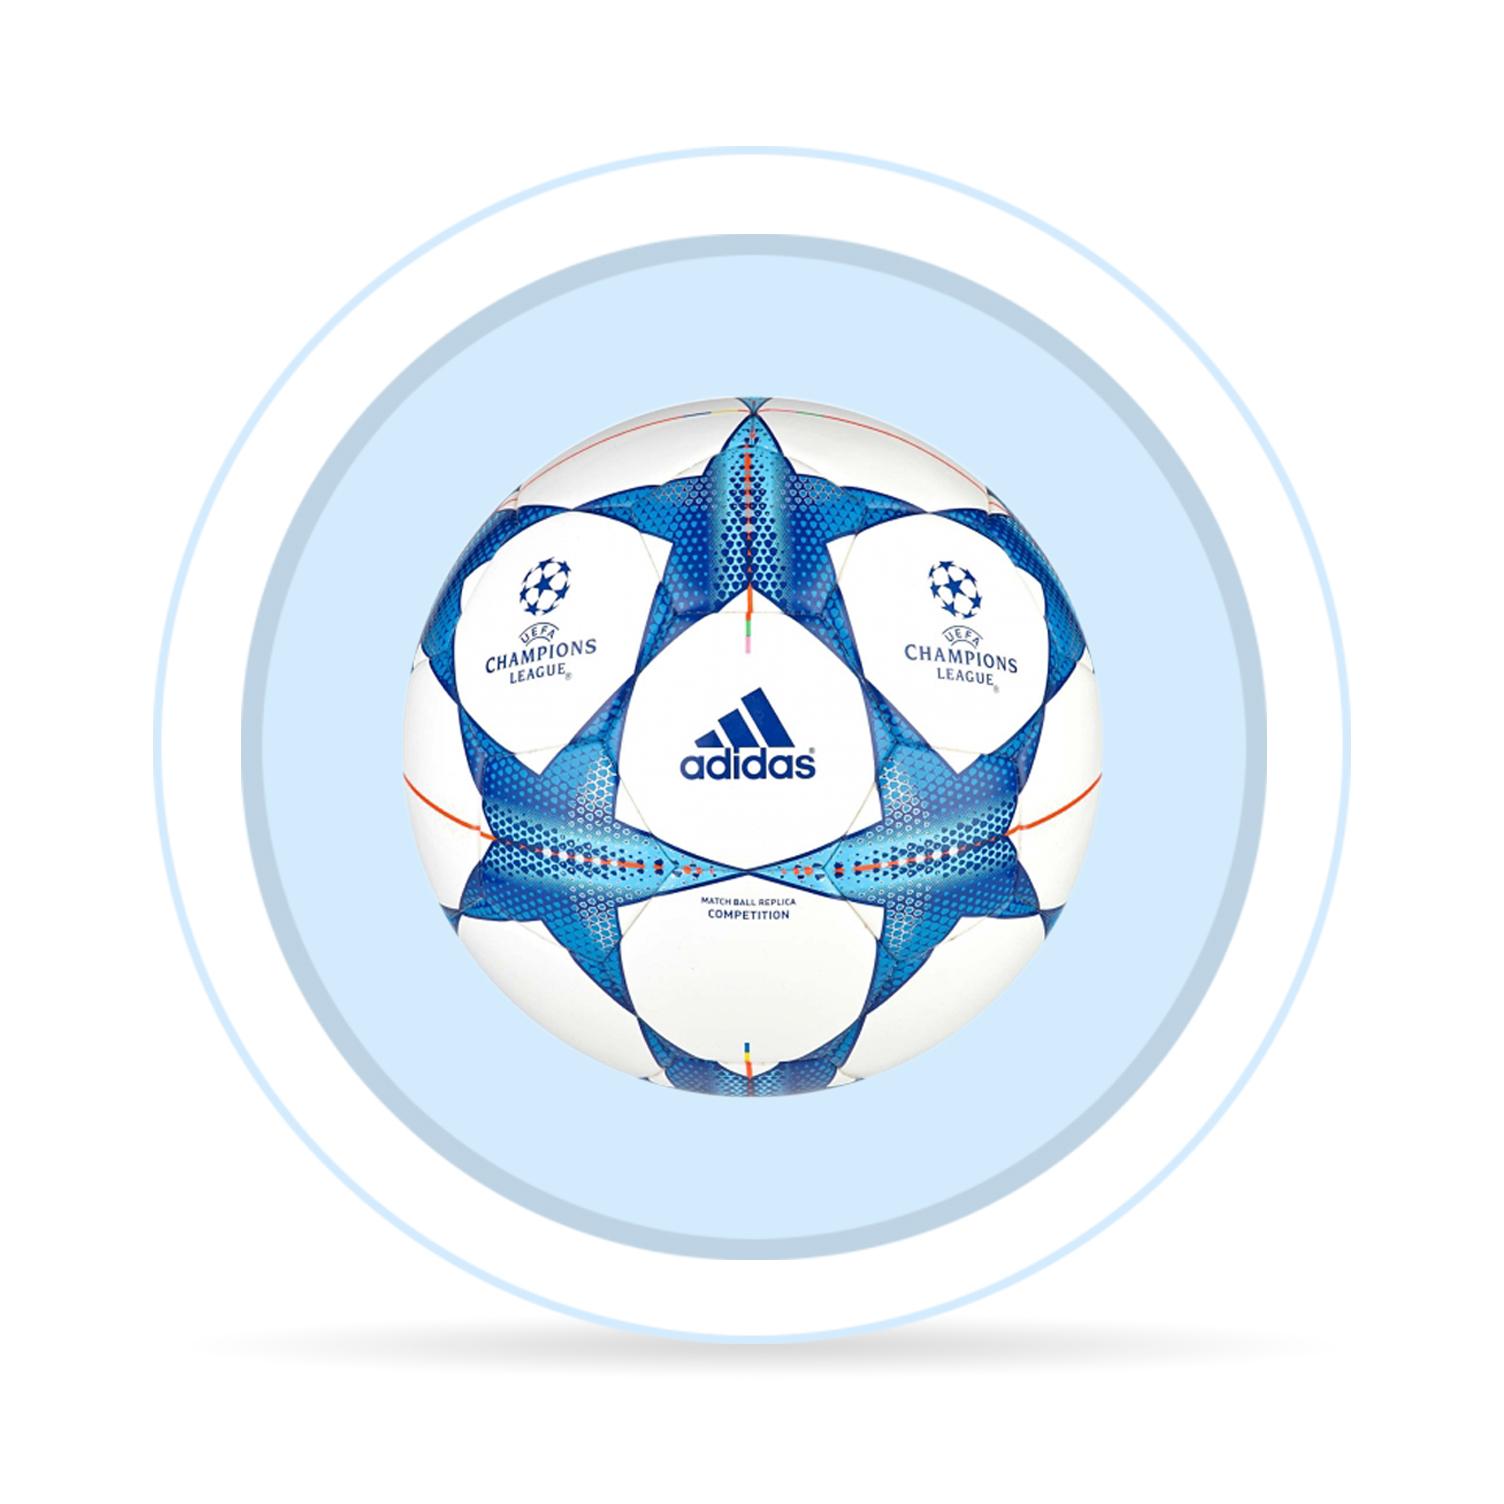 40c48a255 Atribútov, podľa ktorých budeme vyberať vhodnú loptu je niekoľko - vek  hráča, terén, na ktorom budeme do lopty kopať, pokročilosť futbalistu.